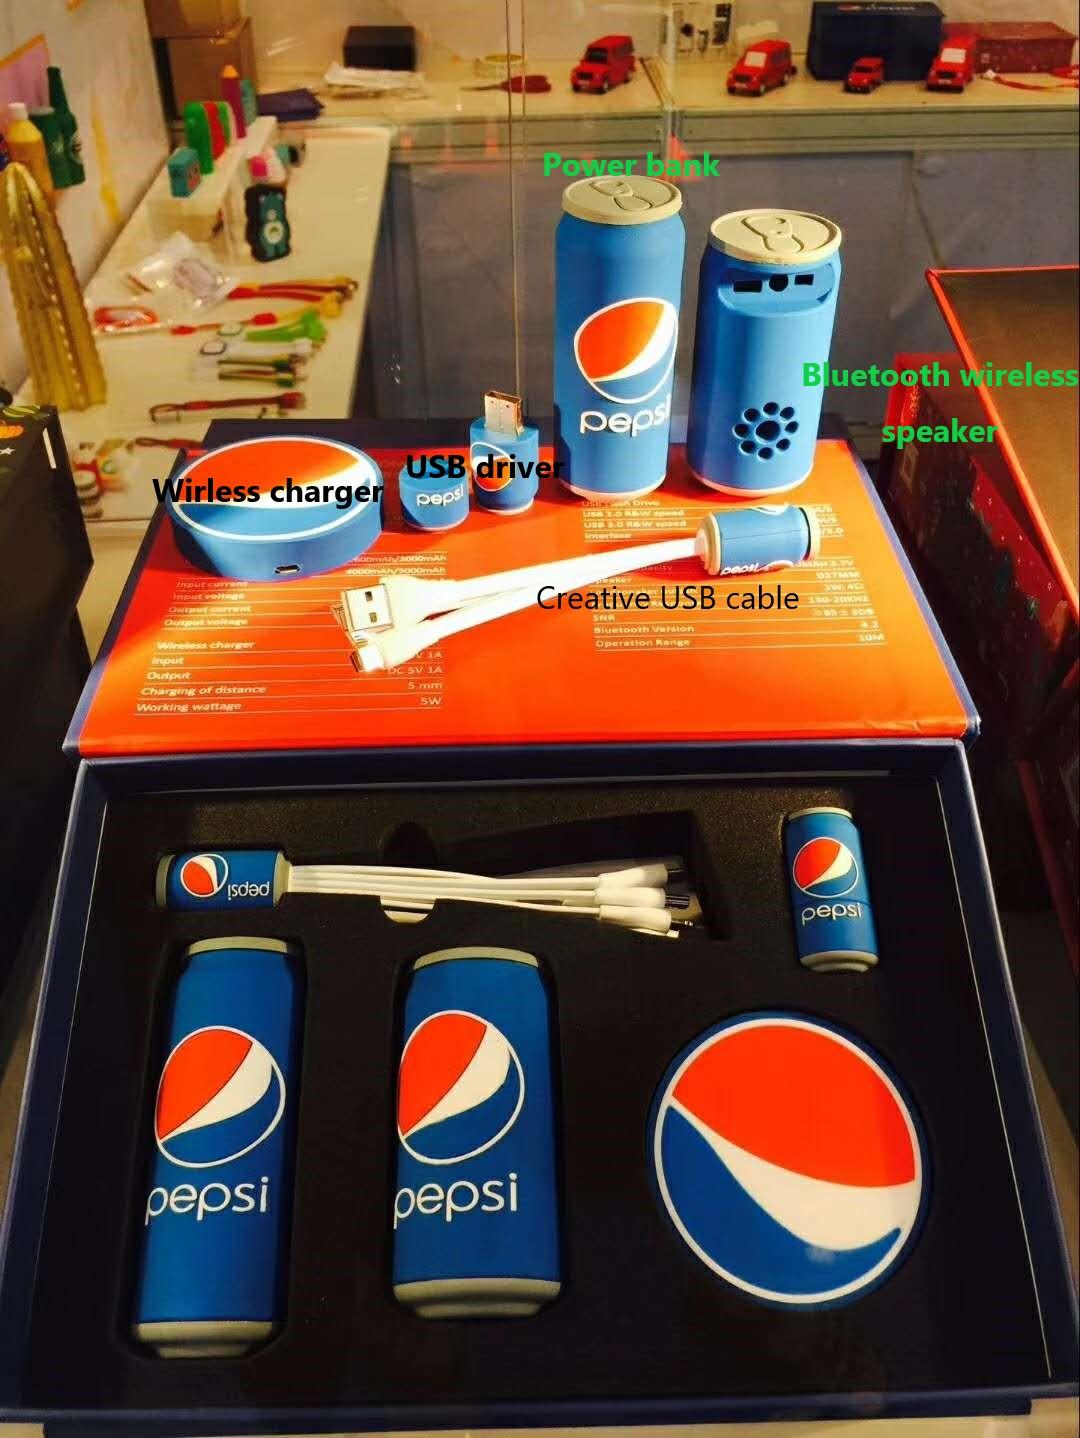 Pepsi gifts set